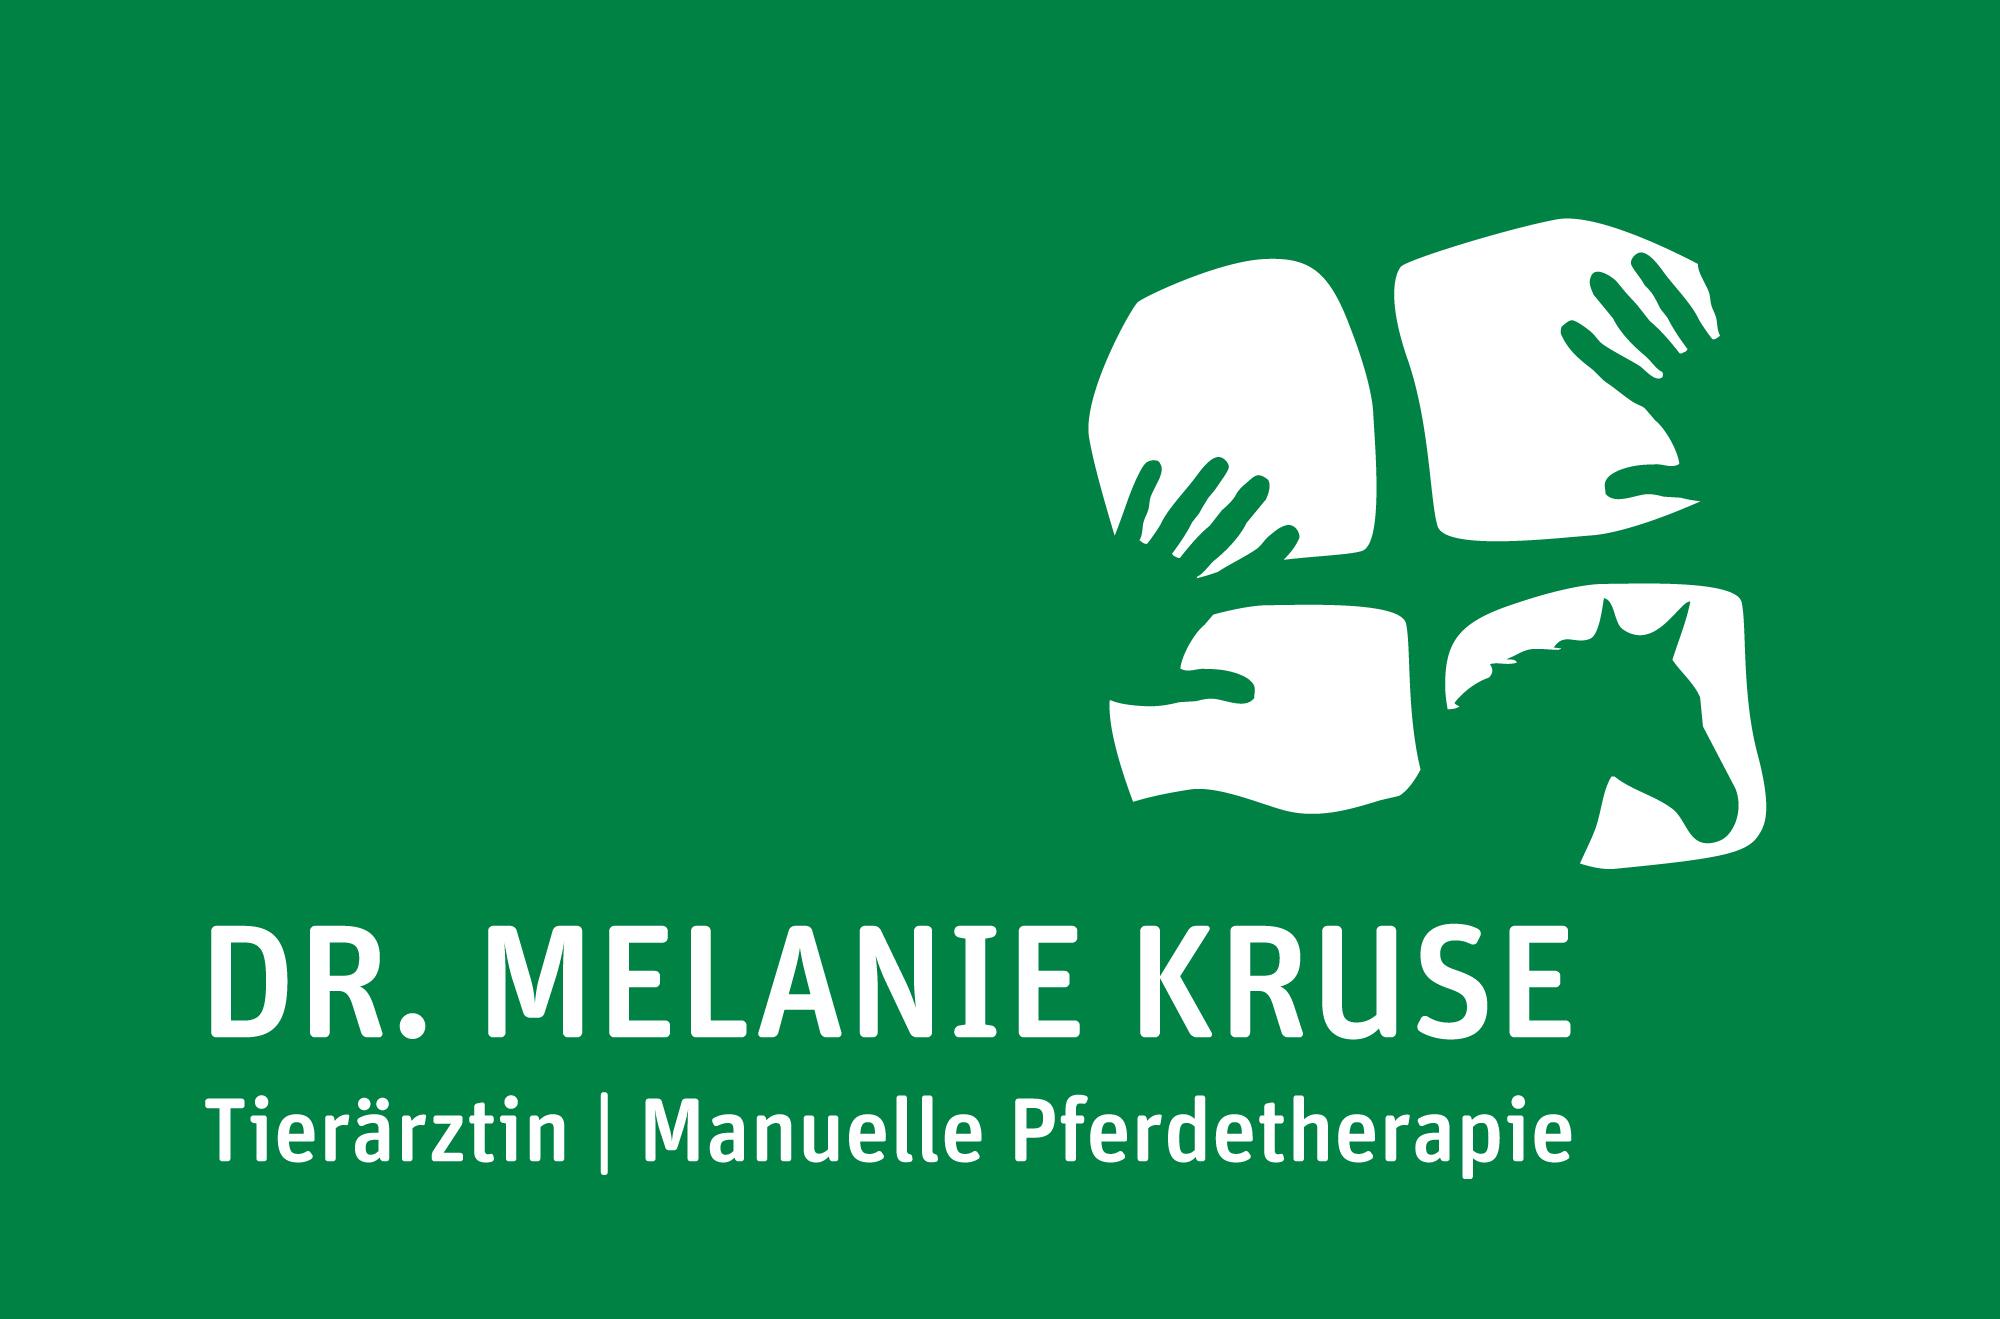 Dr. Melanie Kruse